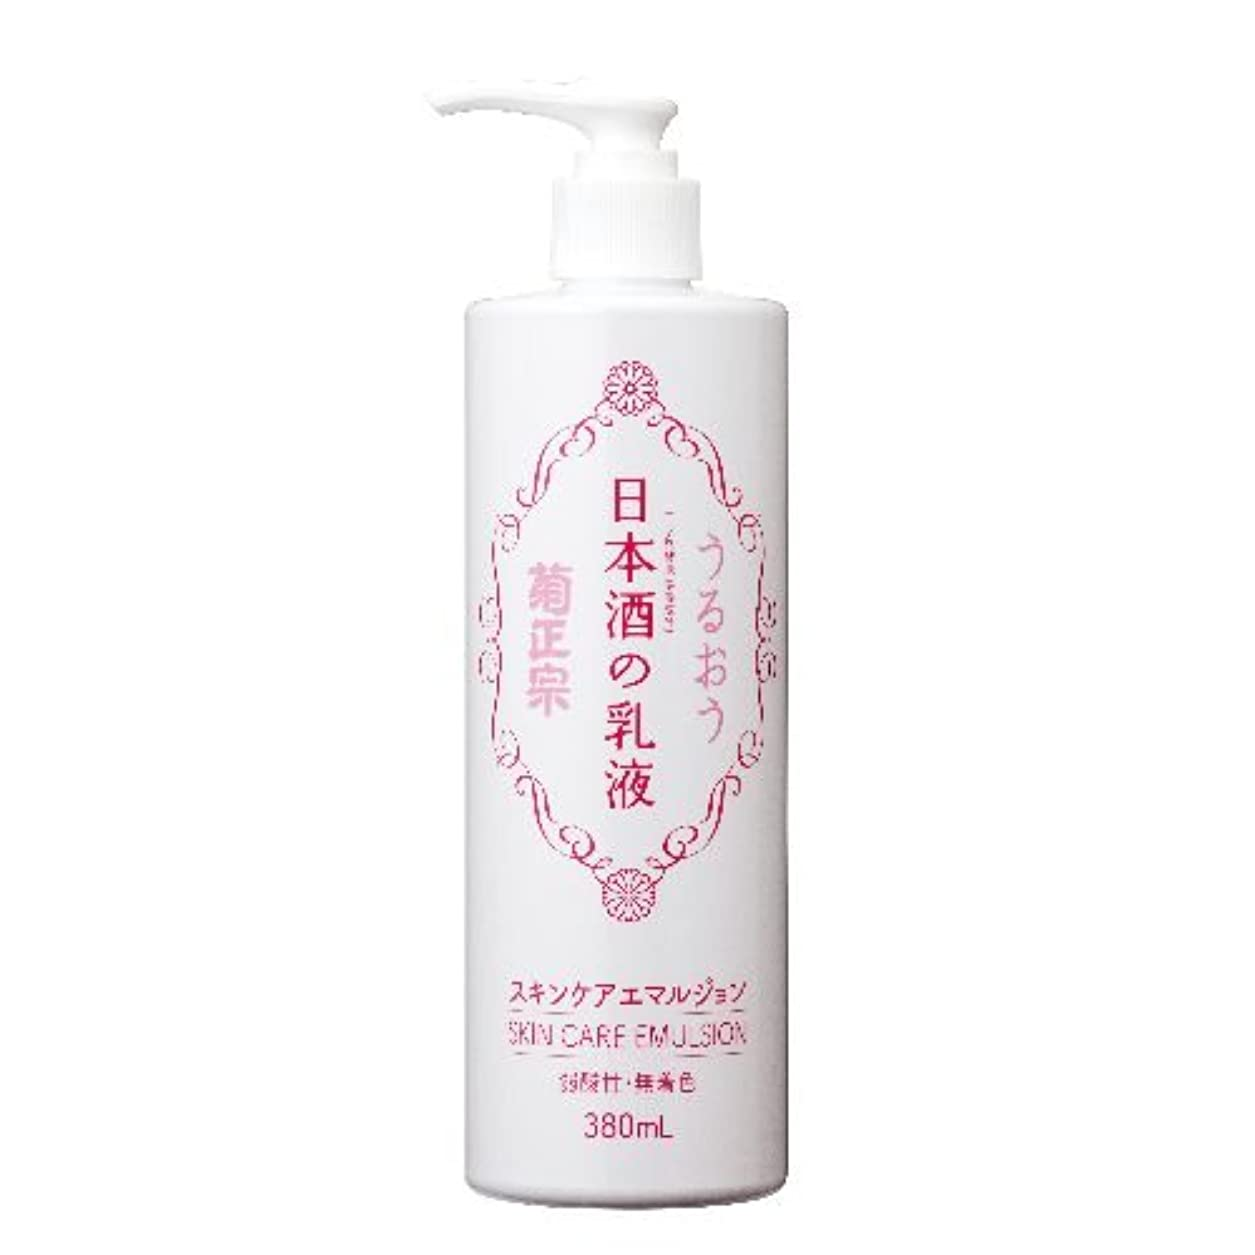 パンフレット中国おびえた菊正宗 日本酒の乳液 380ml